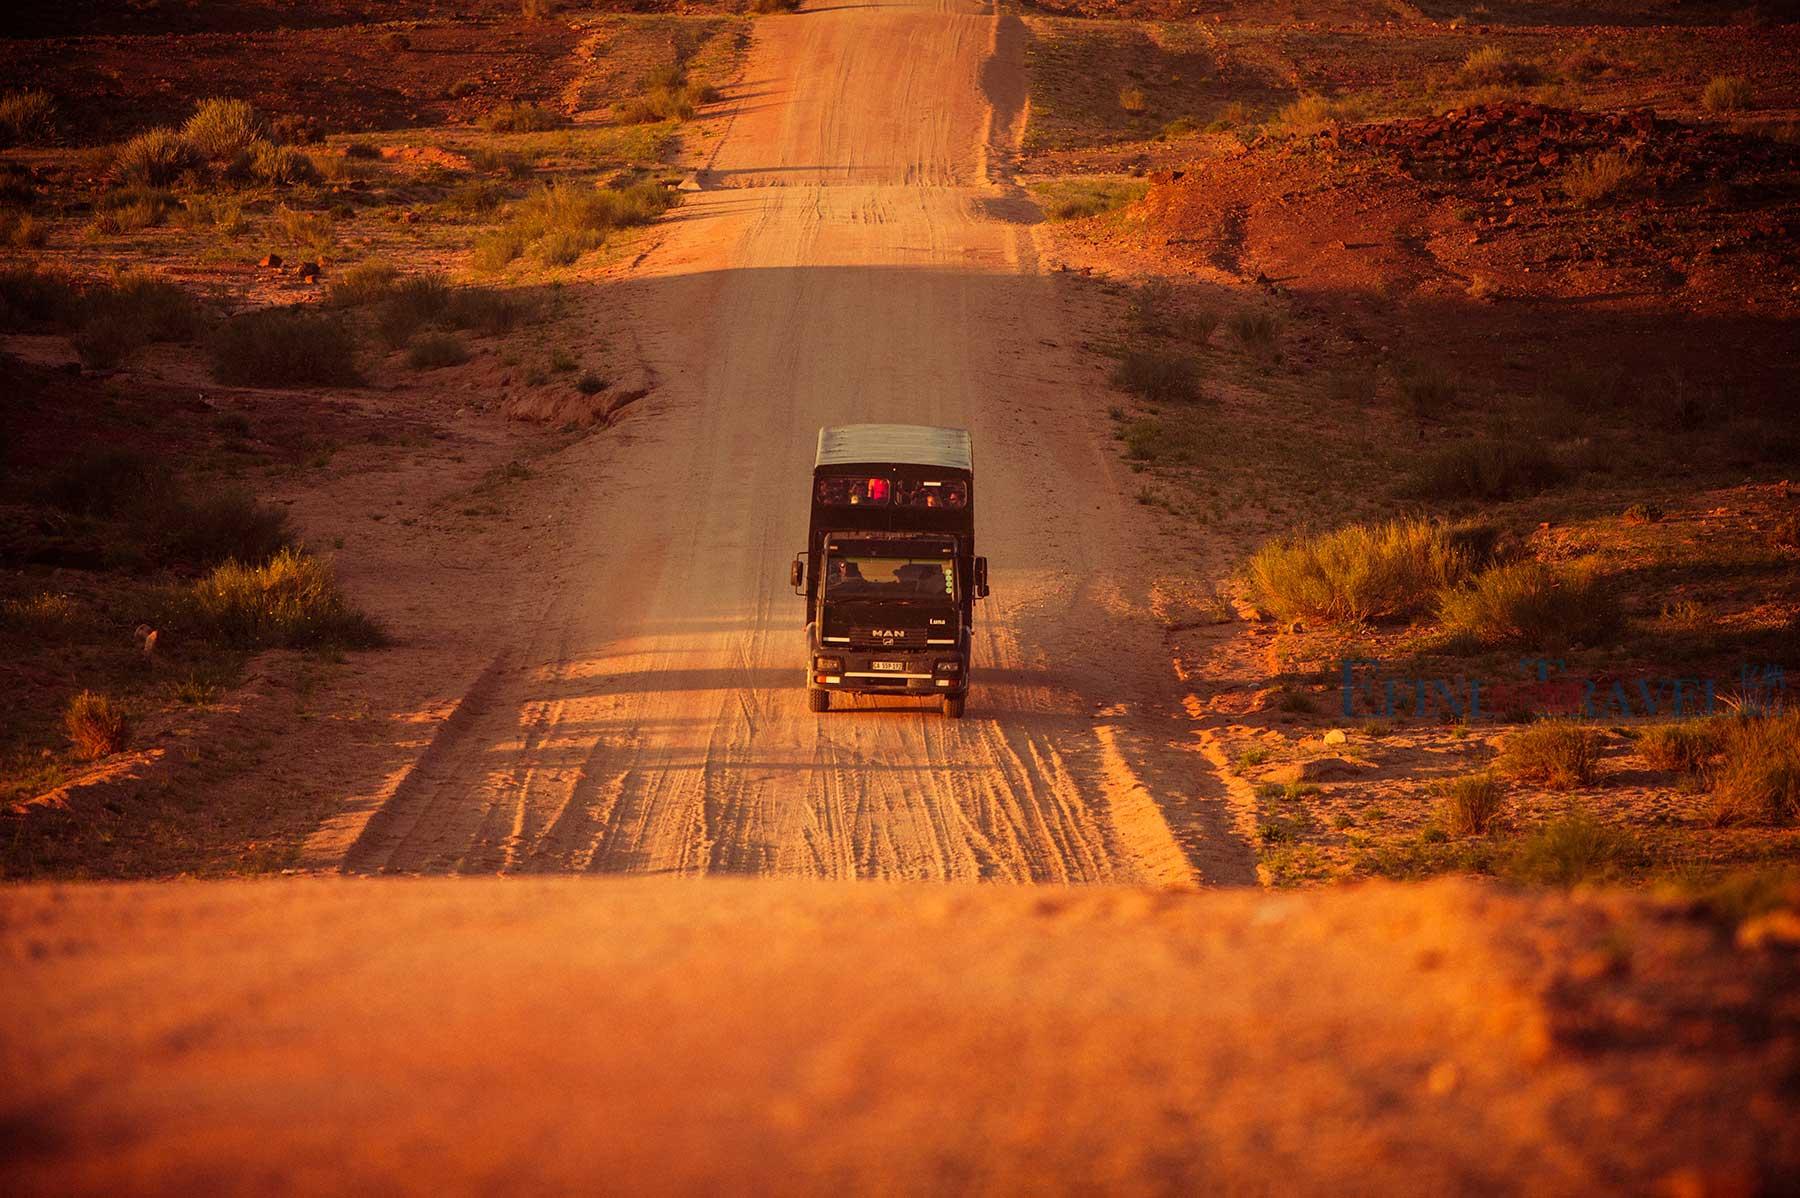 穿越非洲大篷车越野卡车